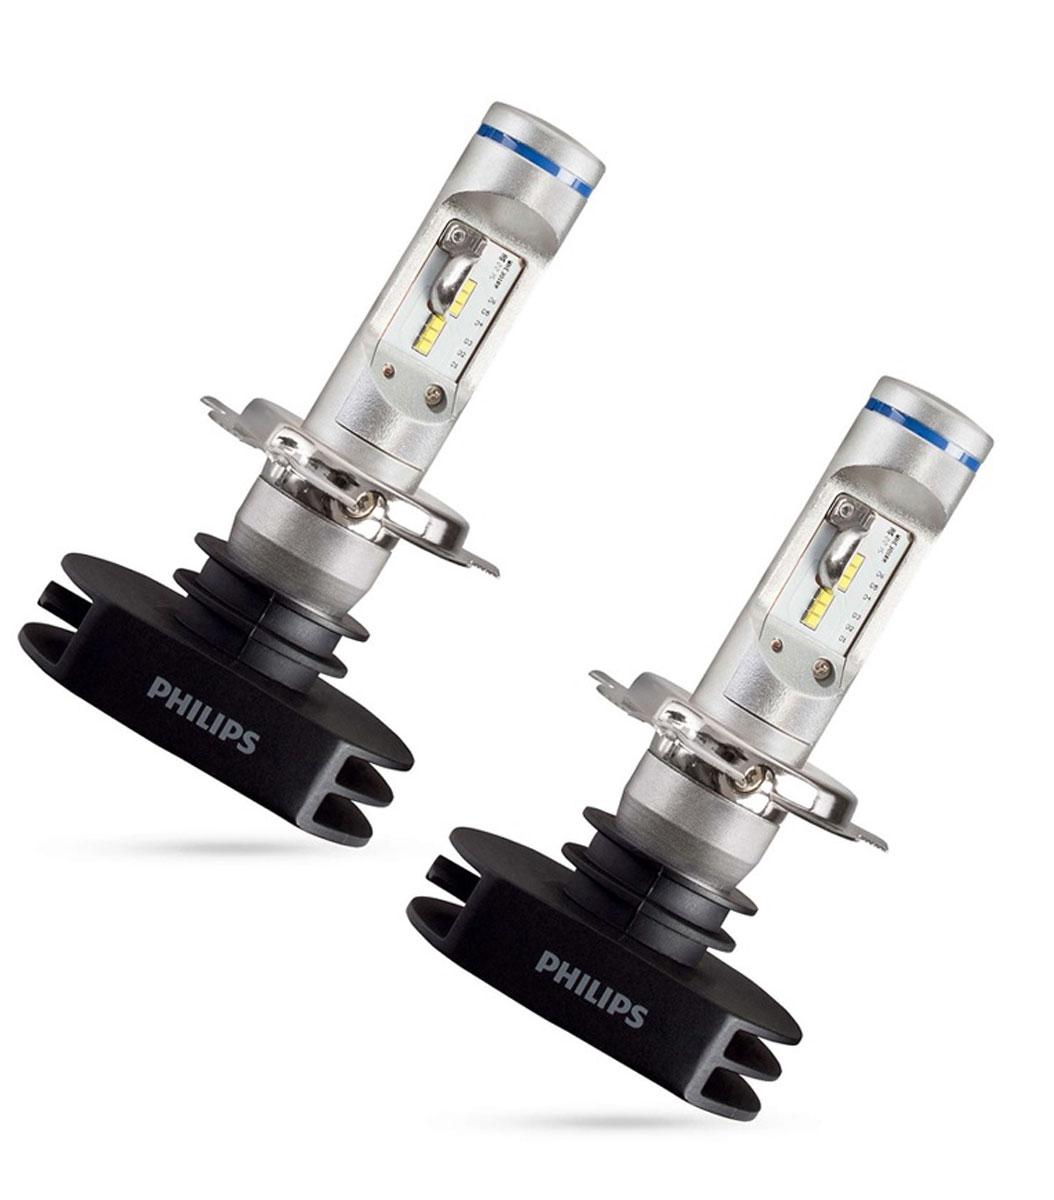 Лампа автомобильная светодиодная Philips X-tremeVision LED, цоколь H4, 2 шт12953BWДо +150% больше света по сравнению со стандартными галогеновыми лампами H4. Максимальный комфорт для глаз подарят увернность за рулем. С новыми светодиодными лампами для головного освещения Philips LED вождение в ночное время суток станет удовольствием без эффекта ослепления встречных водителей. Фары головного света Philips LEDs с температурой в 6200K дают насыщенный белый свет, которые идеально подходят по цветовой температуре с светодиодными противотуманными и габаритными фонарями, для создания уникального освещения